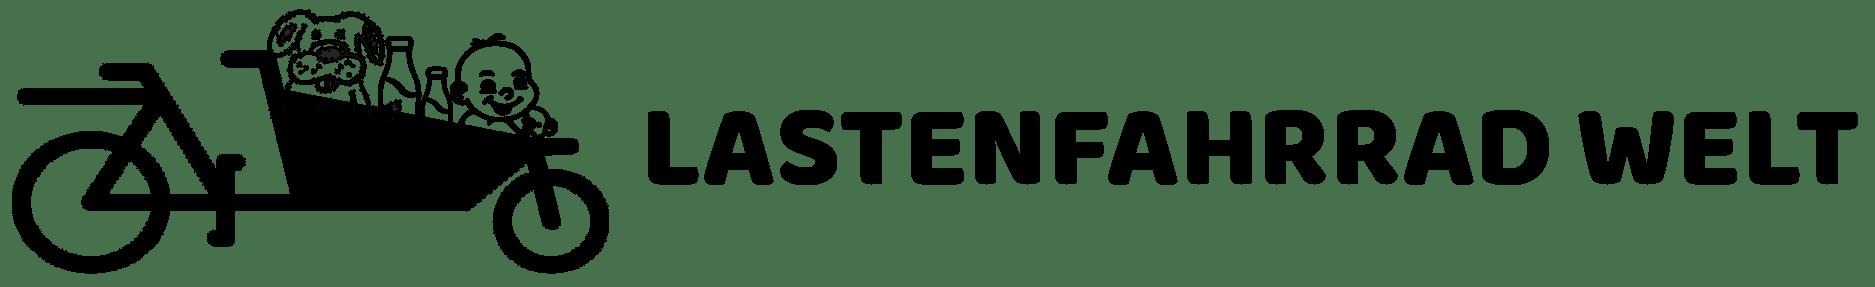 lastenfahrrad welt logo schwarz